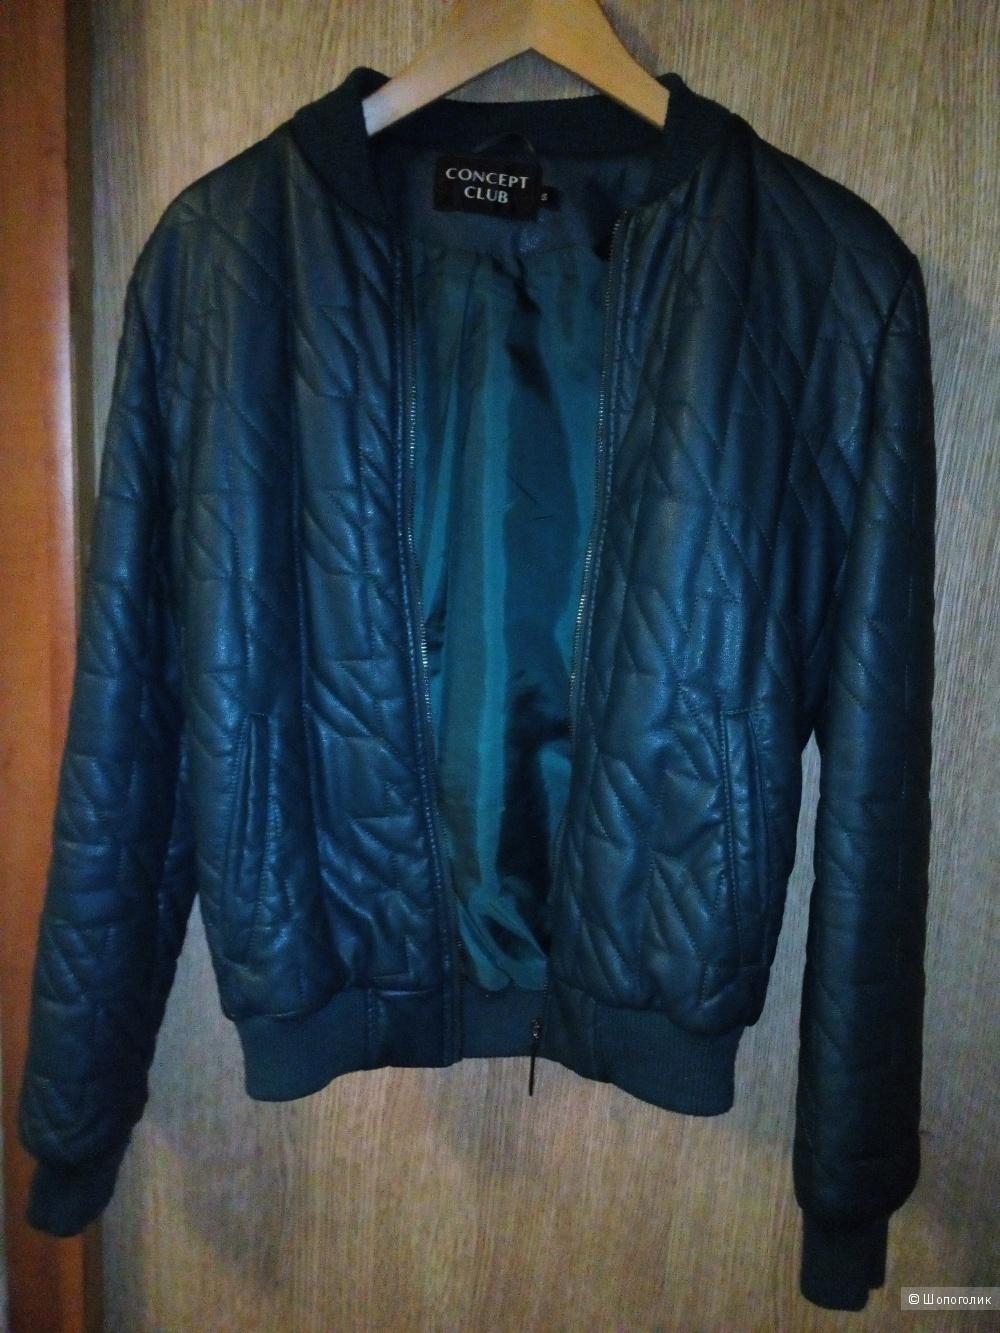 Куртка весна-осень, Concept Club, р.S